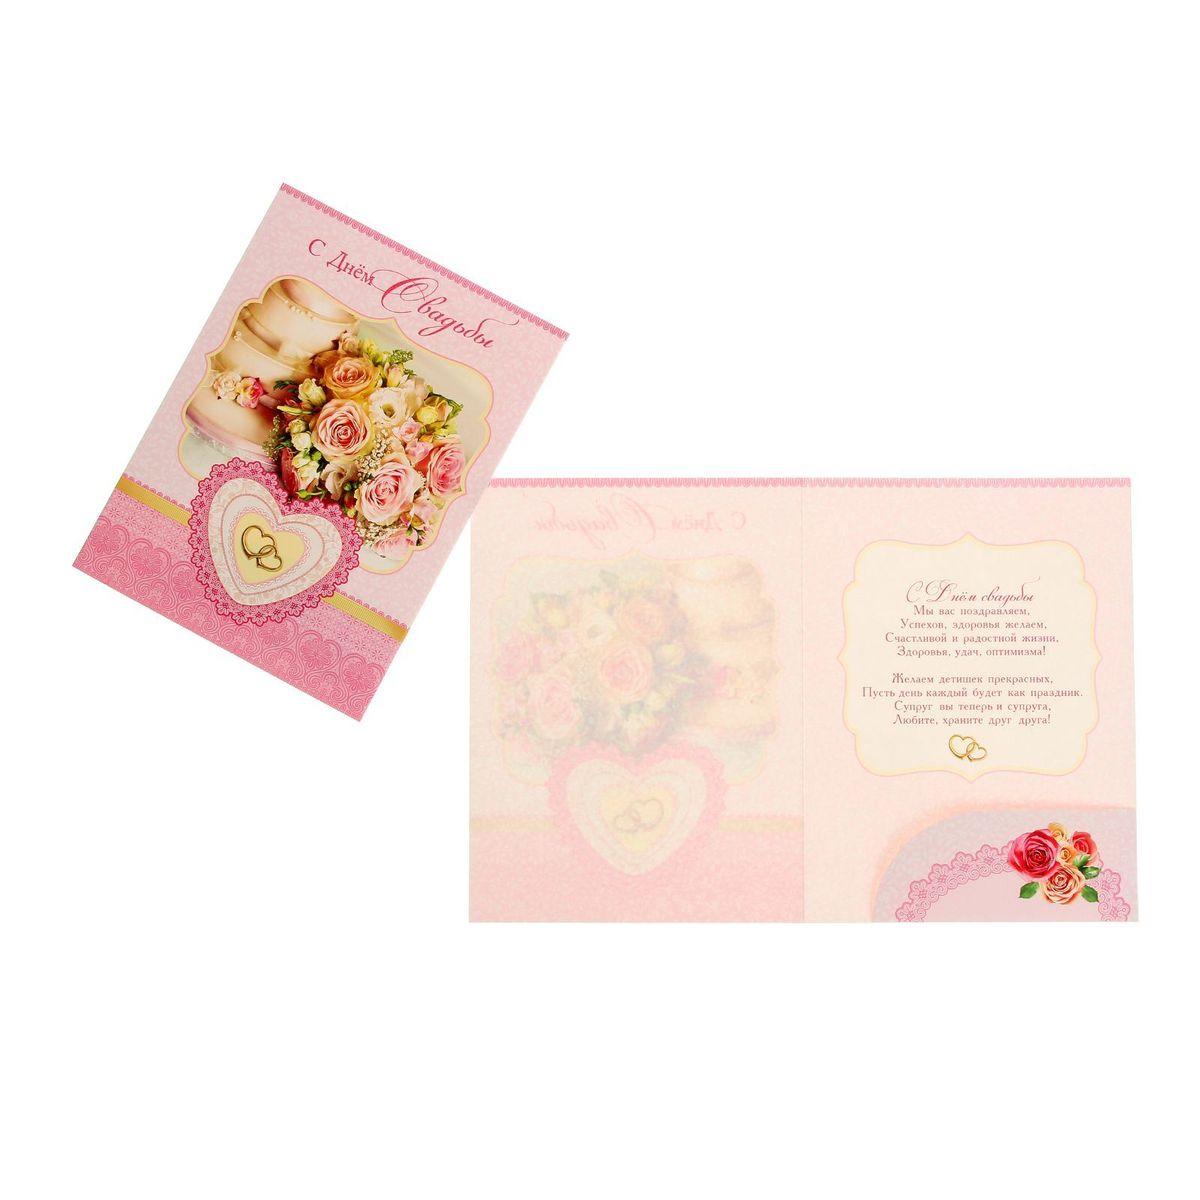 """Если вы хотите порадовать себя или близких, создать  праздничное настроение и с улыбкой провести памятный день,  то вы, несомненно, сделали правильный выбор! Открытка  Миленд """"С днем свадьбы. Букет и розовое сердце"""", выполненная из  плотной бумаги, отличается не только оригинальным  дизайном, но и высоким качеством.   Лицевая сторона изделия оформлена ярким изображением. Внутри открытка  содержит текст с  поздравлением.   Такая открытка непременно порадует получателя и станет  отличным напоминанием о проведенном вместе времени."""